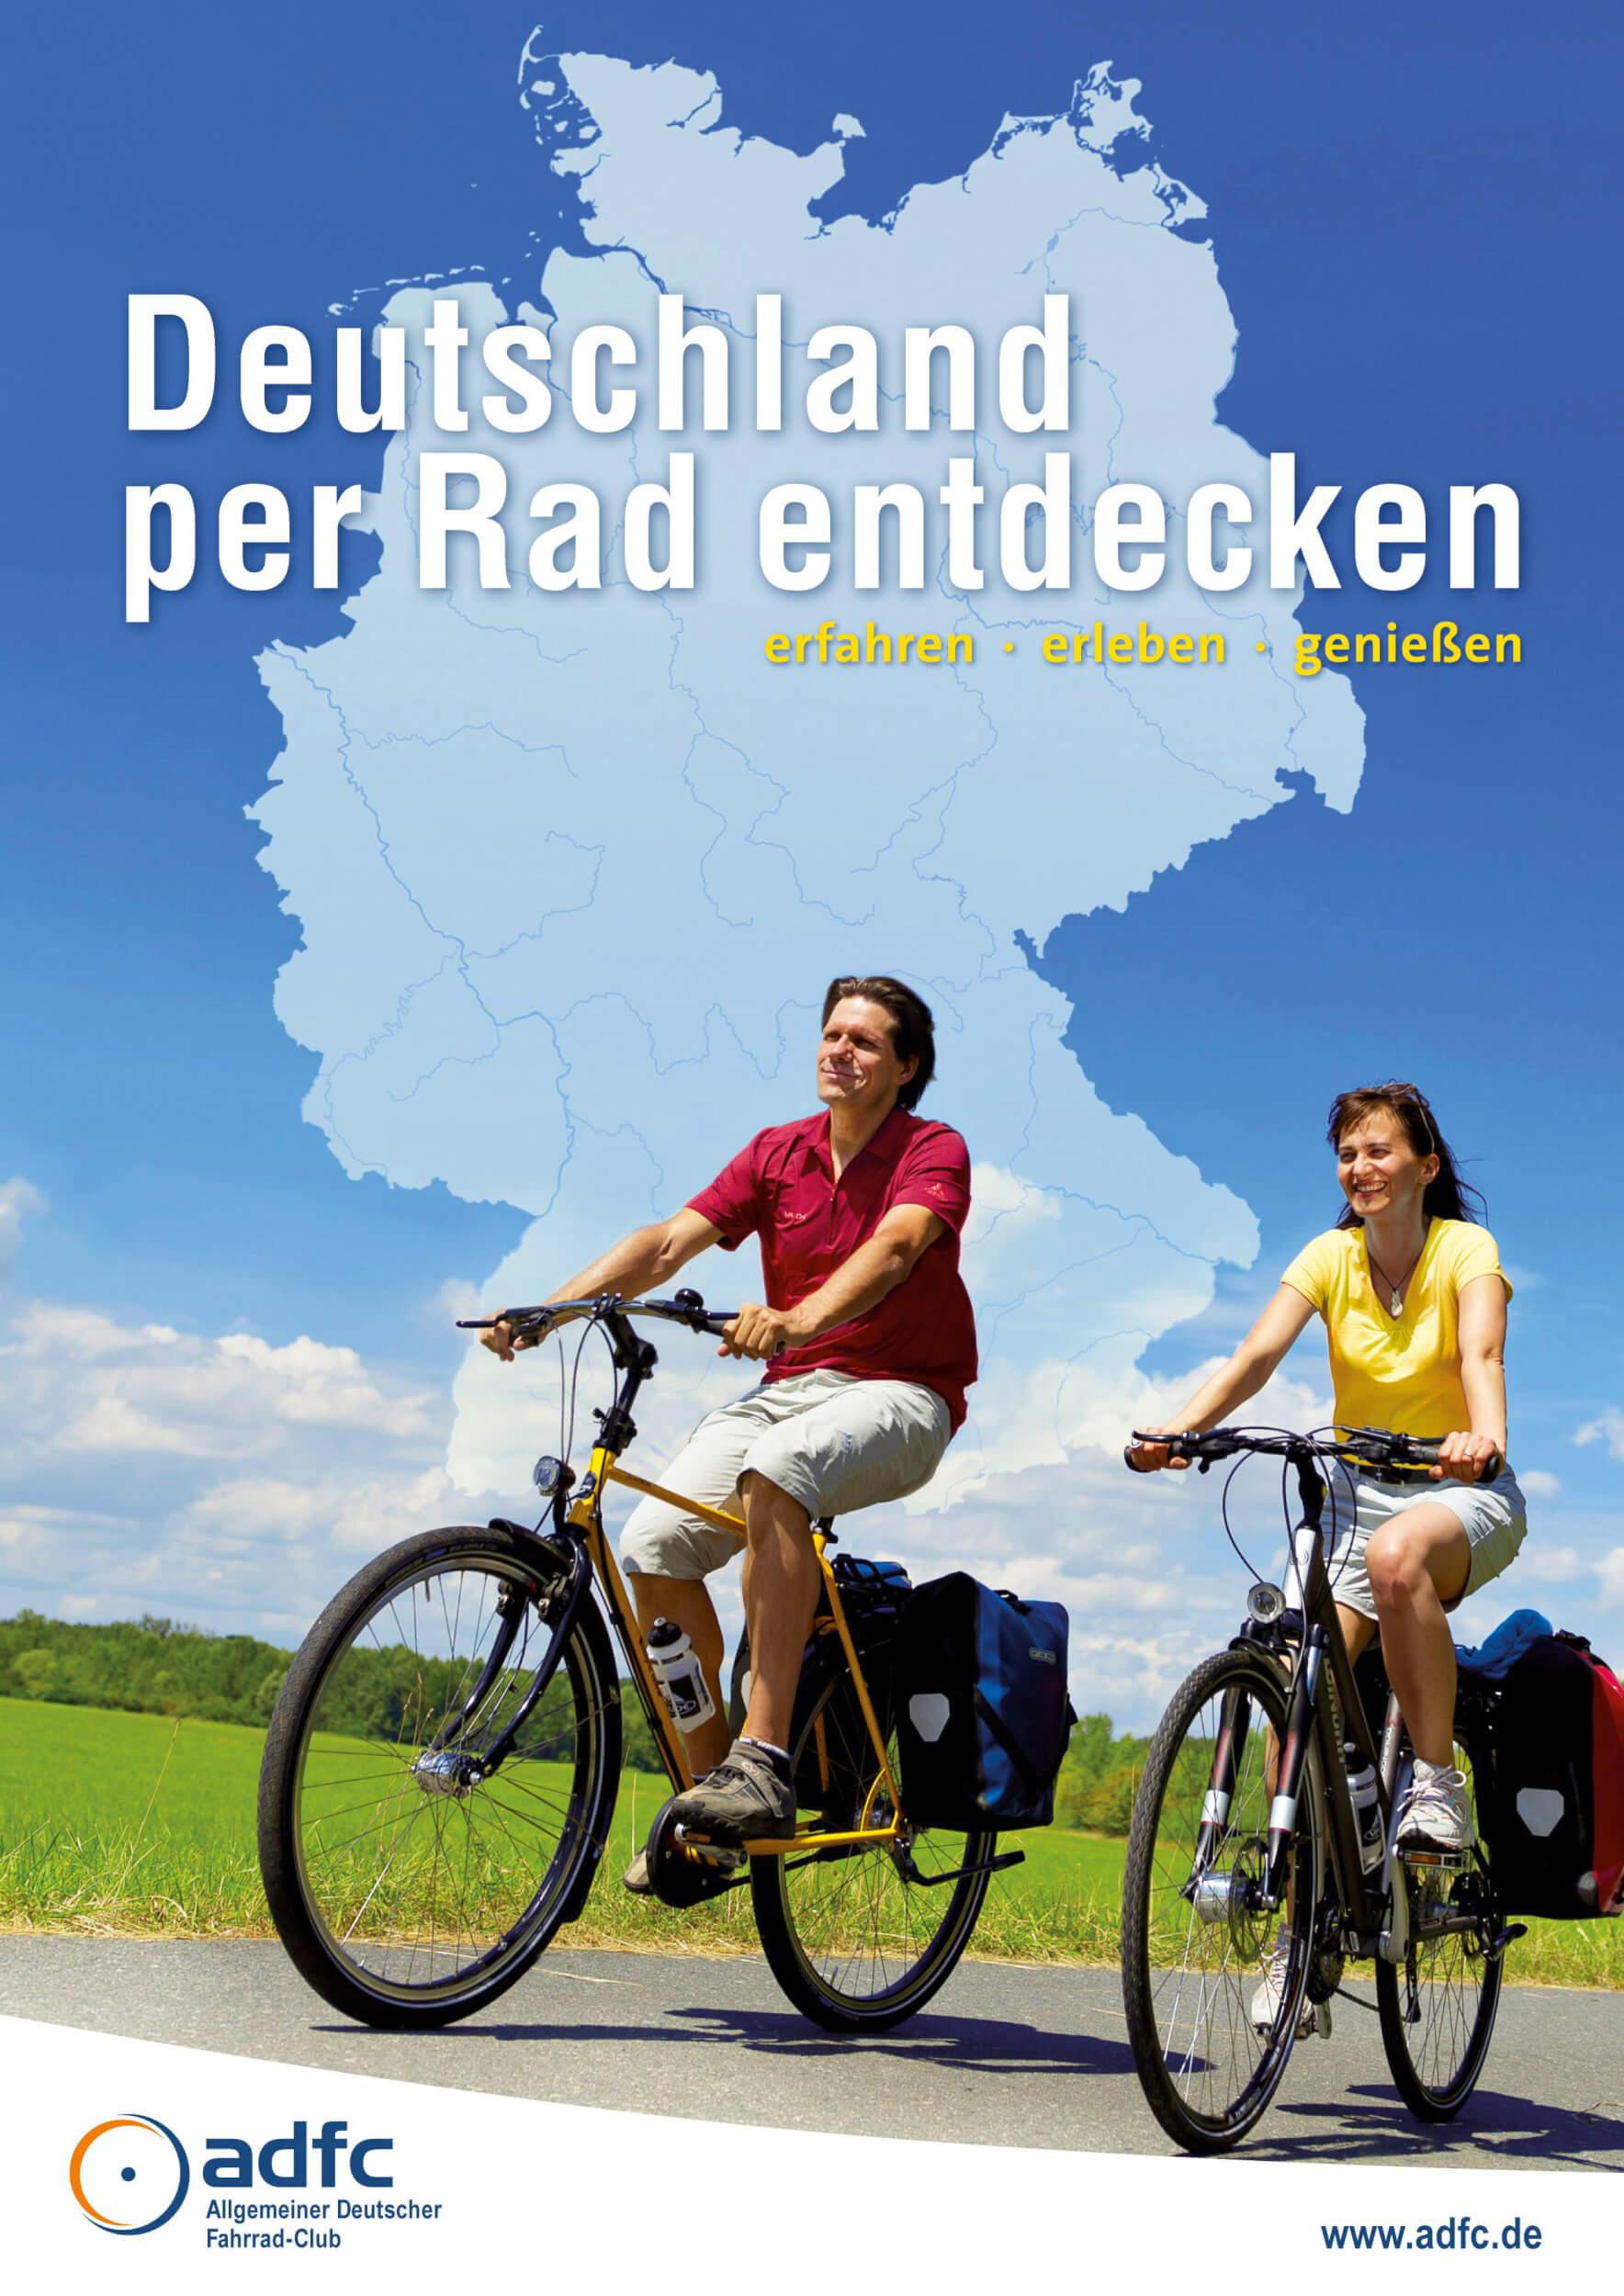 Deutschland per Rad entdecken (c) Quellenangabe / Rechte: ADFC